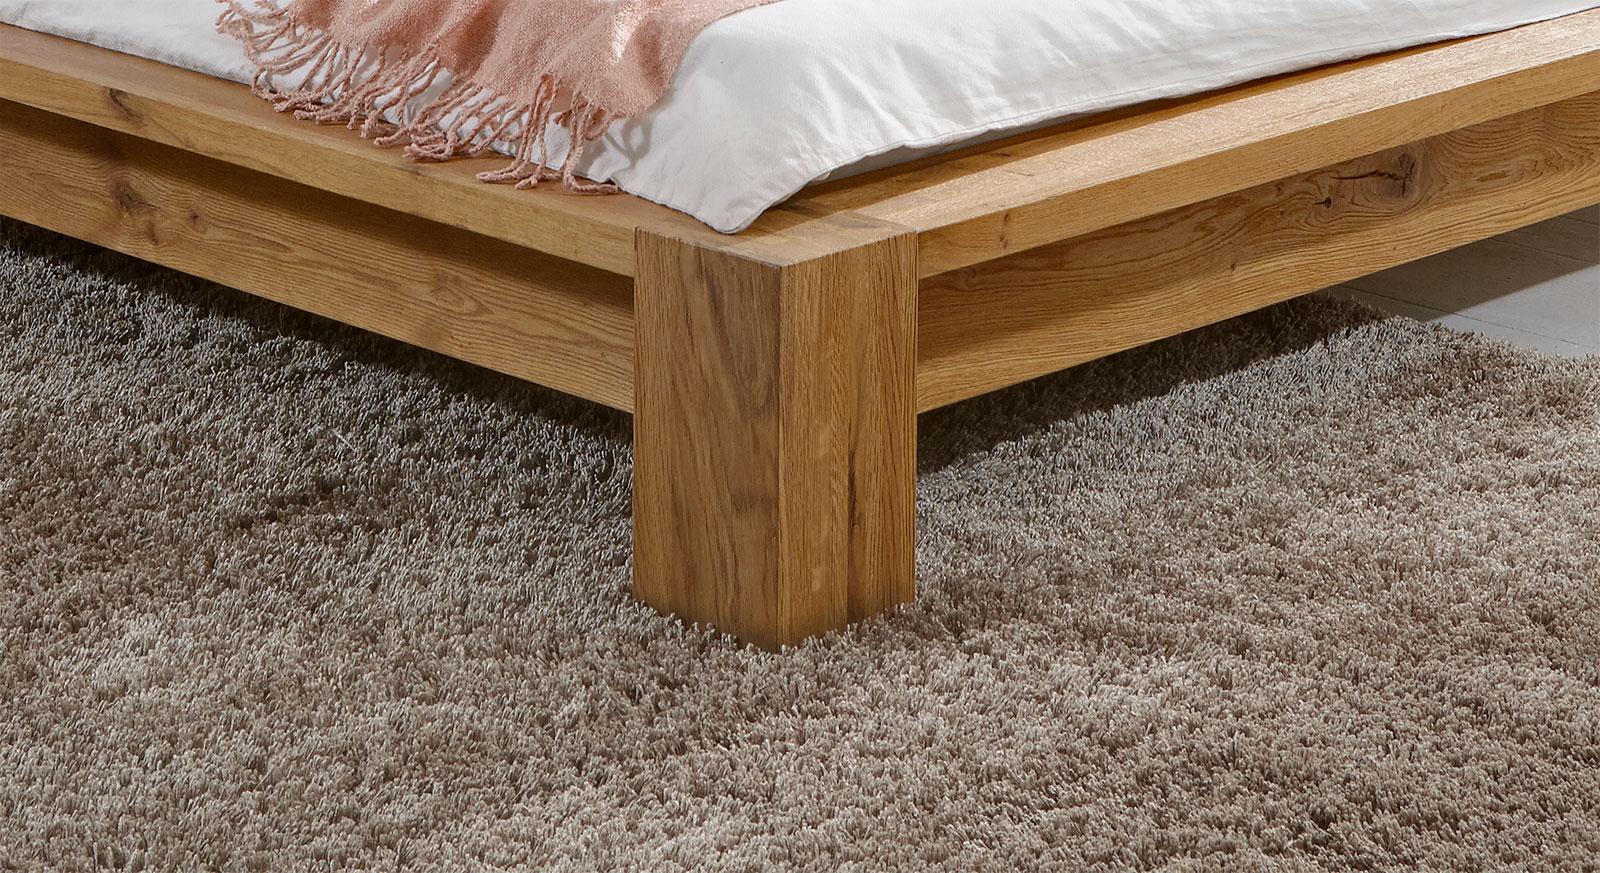 bett eiche massiv 180x200 affordable bett eiche massiv 180x200 with bett eiche massiv 180x200. Black Bedroom Furniture Sets. Home Design Ideas